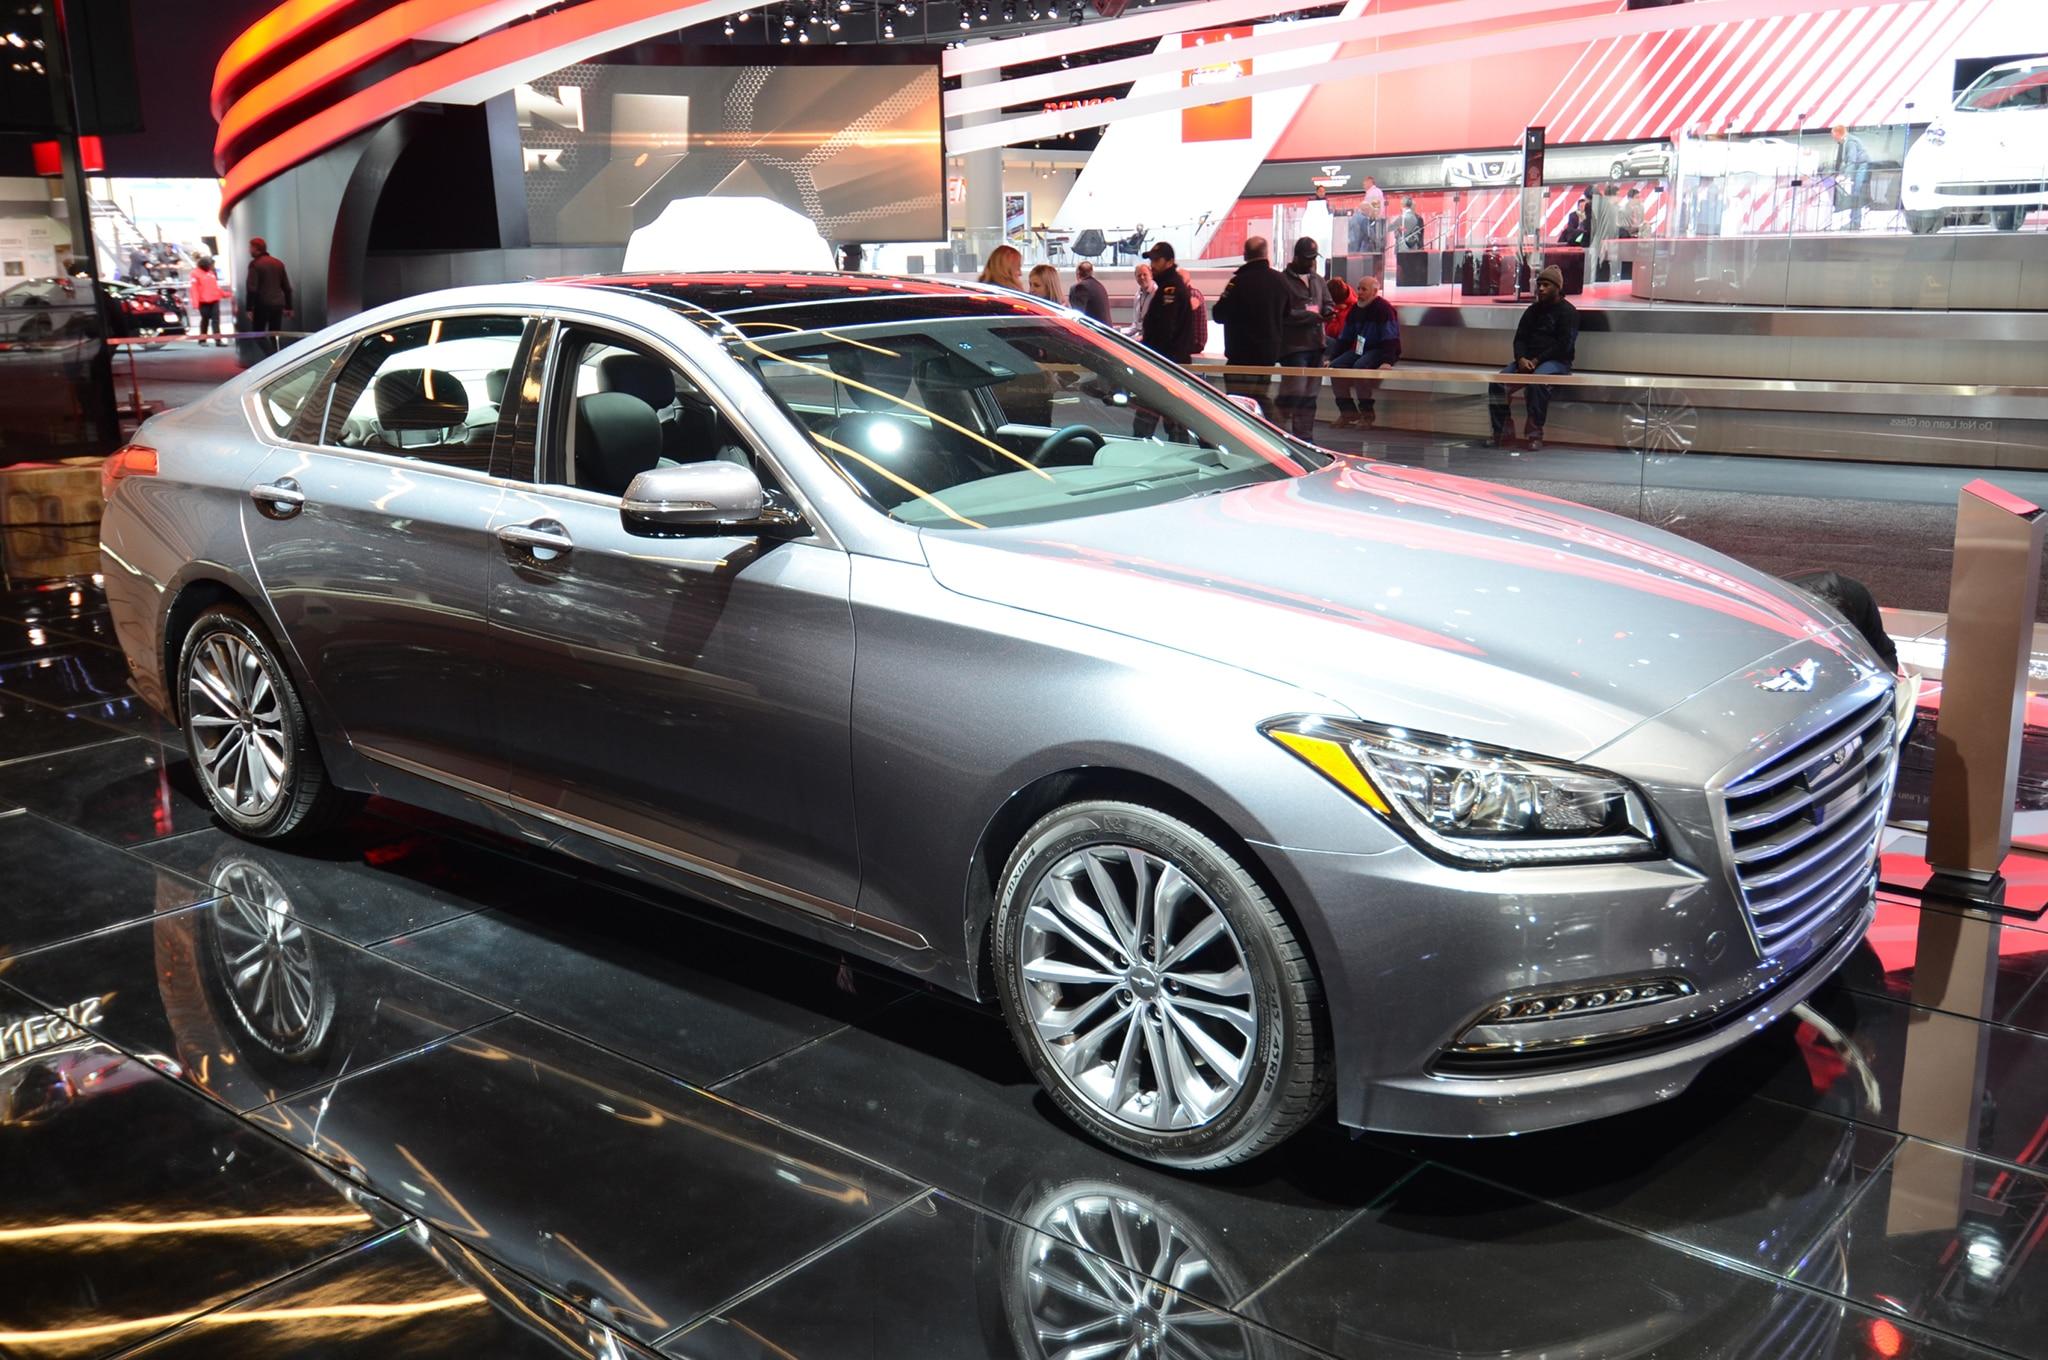 Genesis Coupe 2016 >> 2017 Genesis G80 Sedan Is a Rebadged Hyundai Genesis